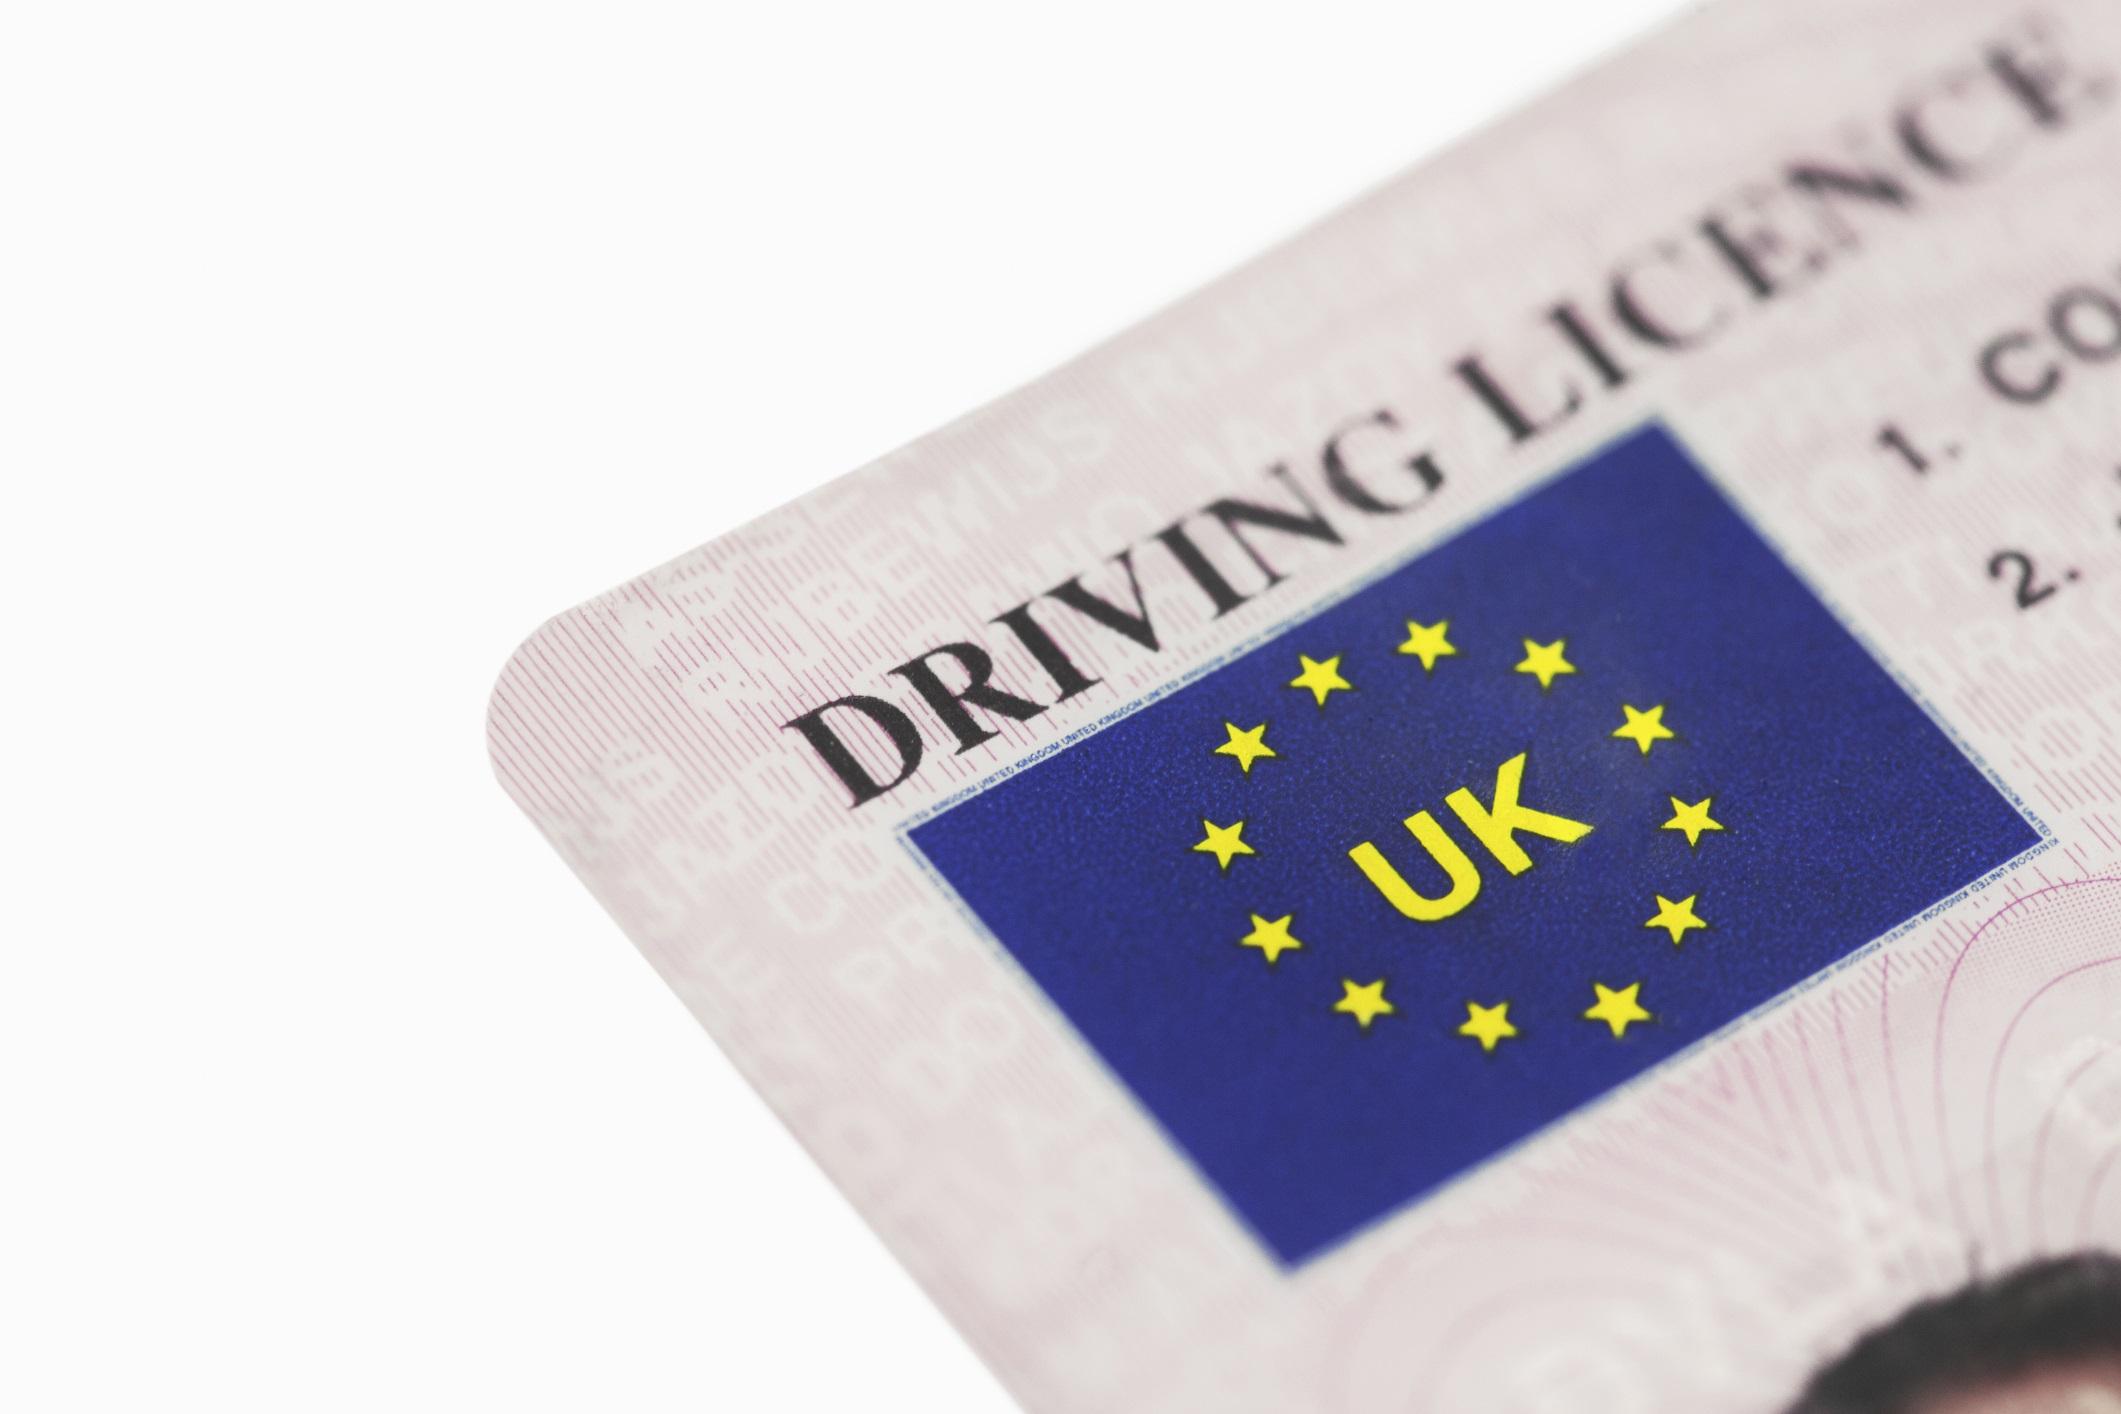 DVLA announces important changes surrounding driving licences set to expire